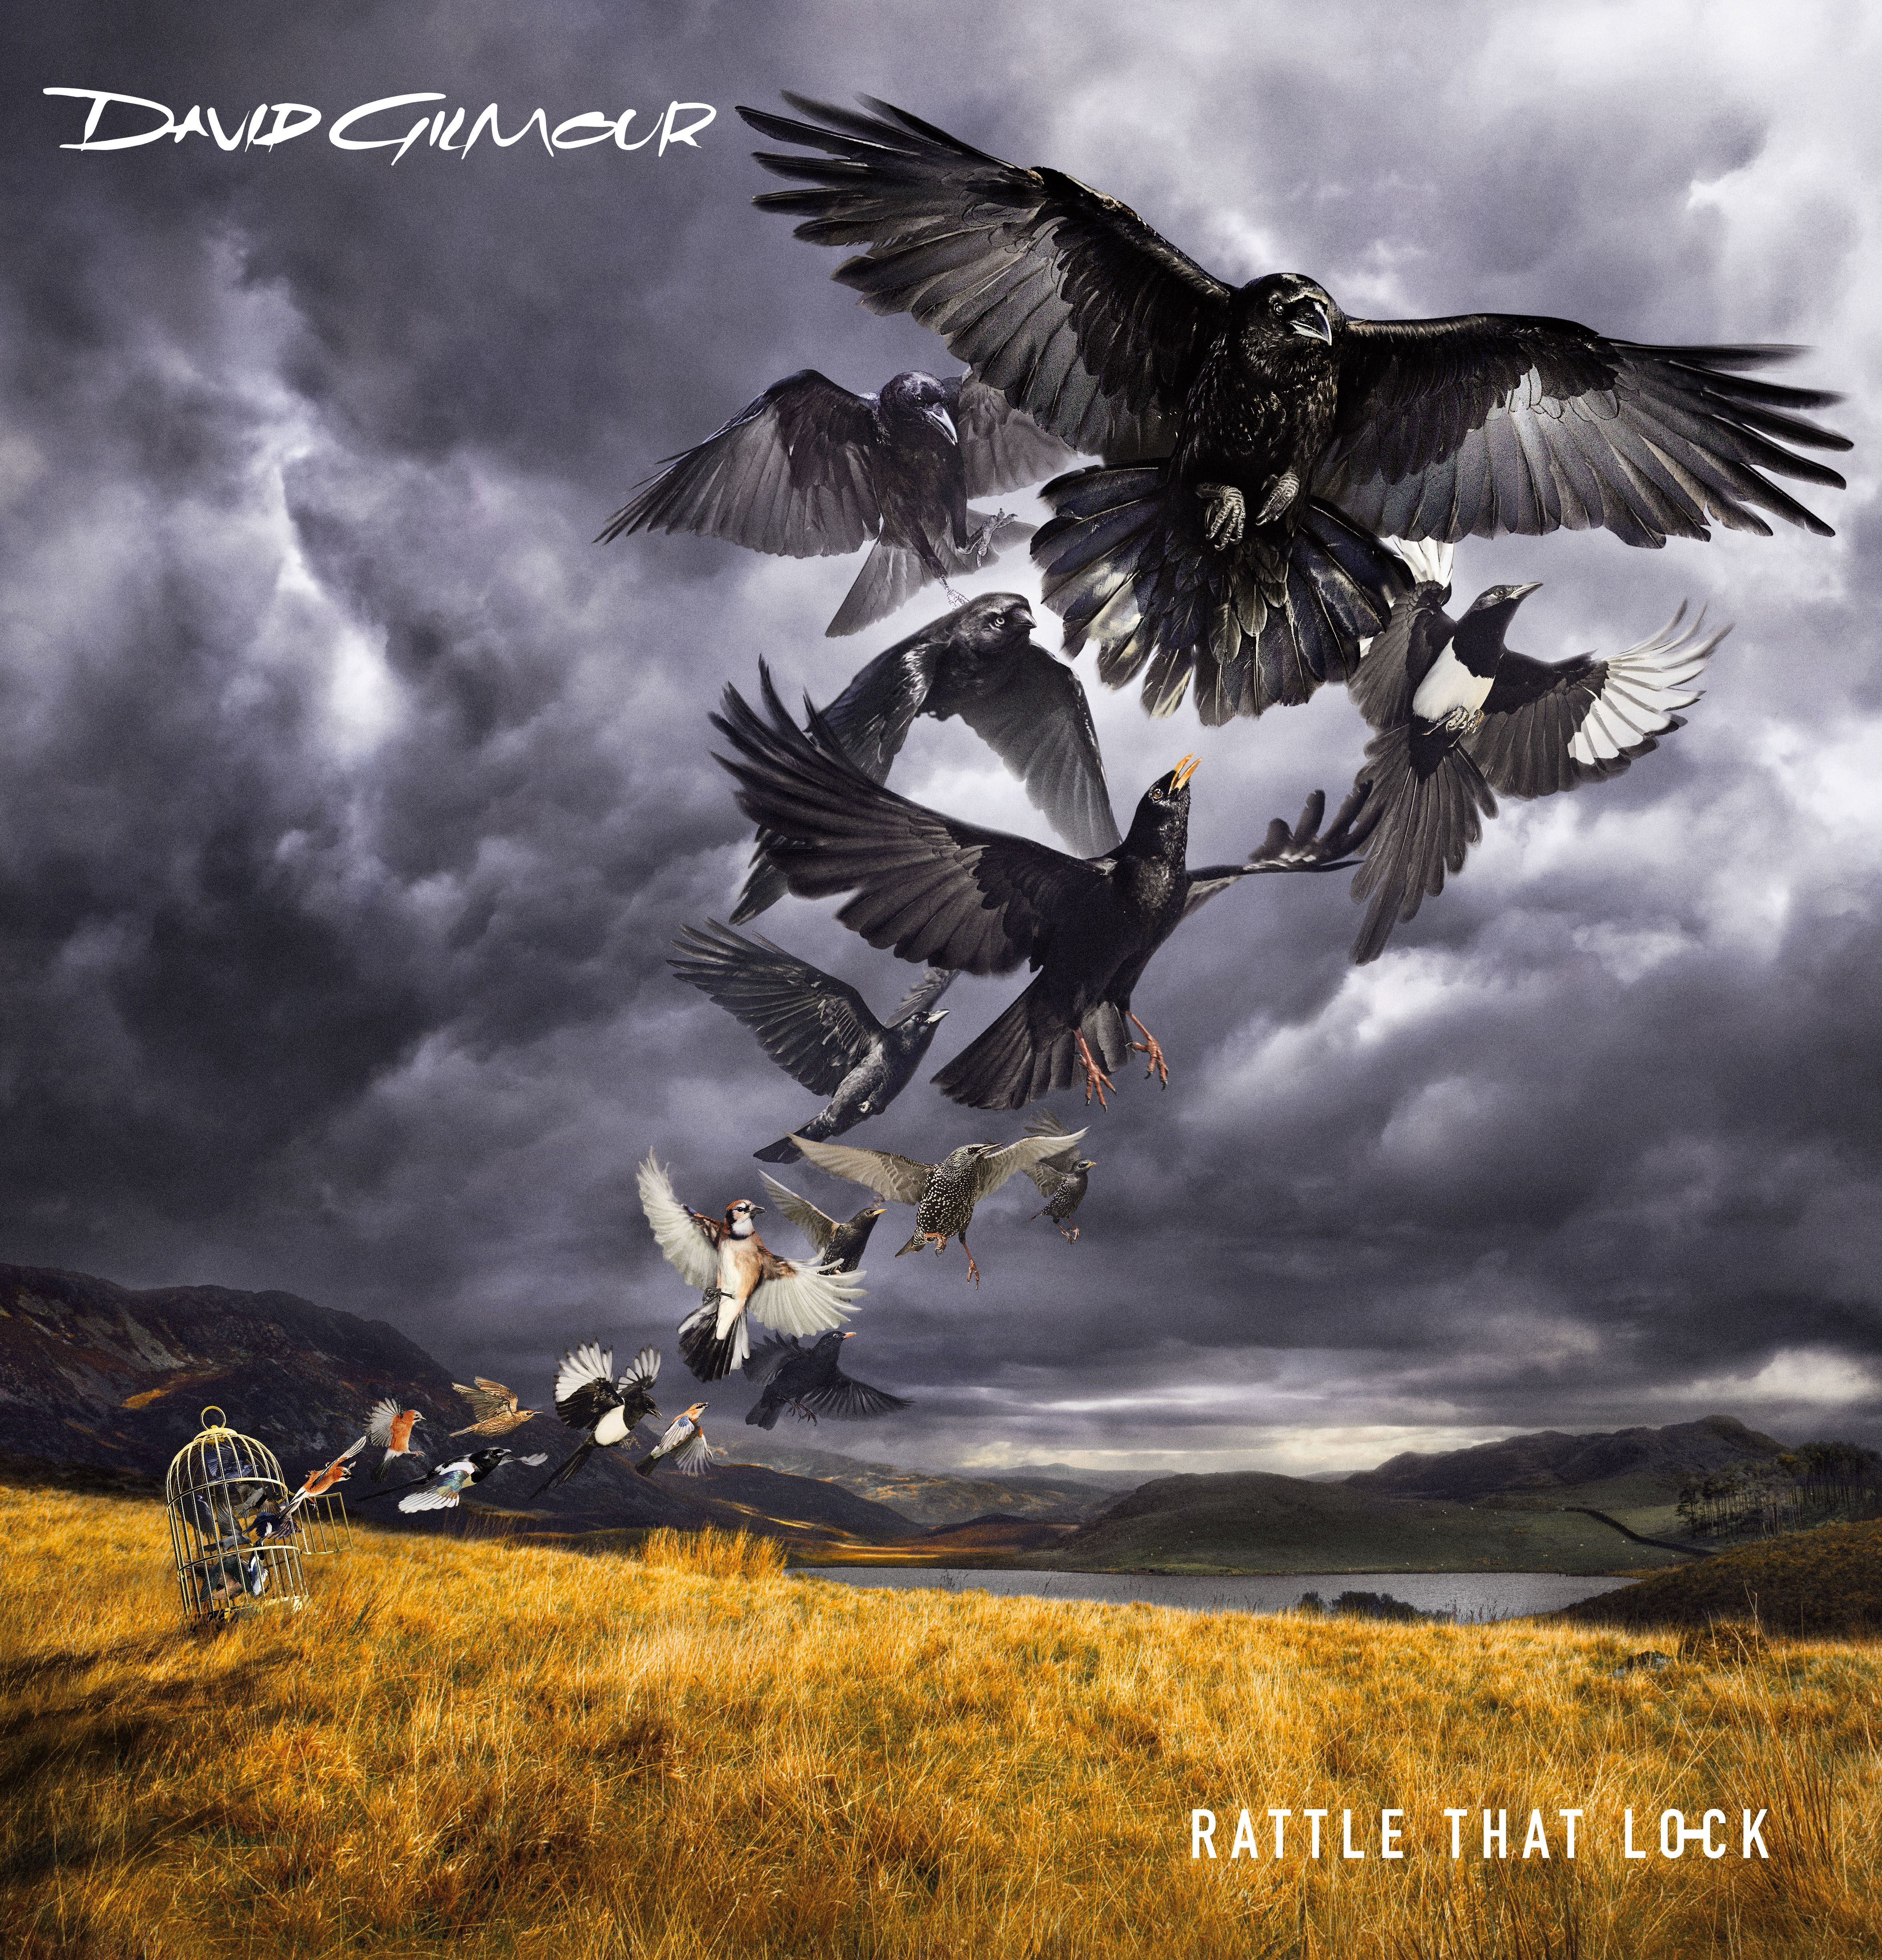 David Gilmour - Rattle That Lock album cover